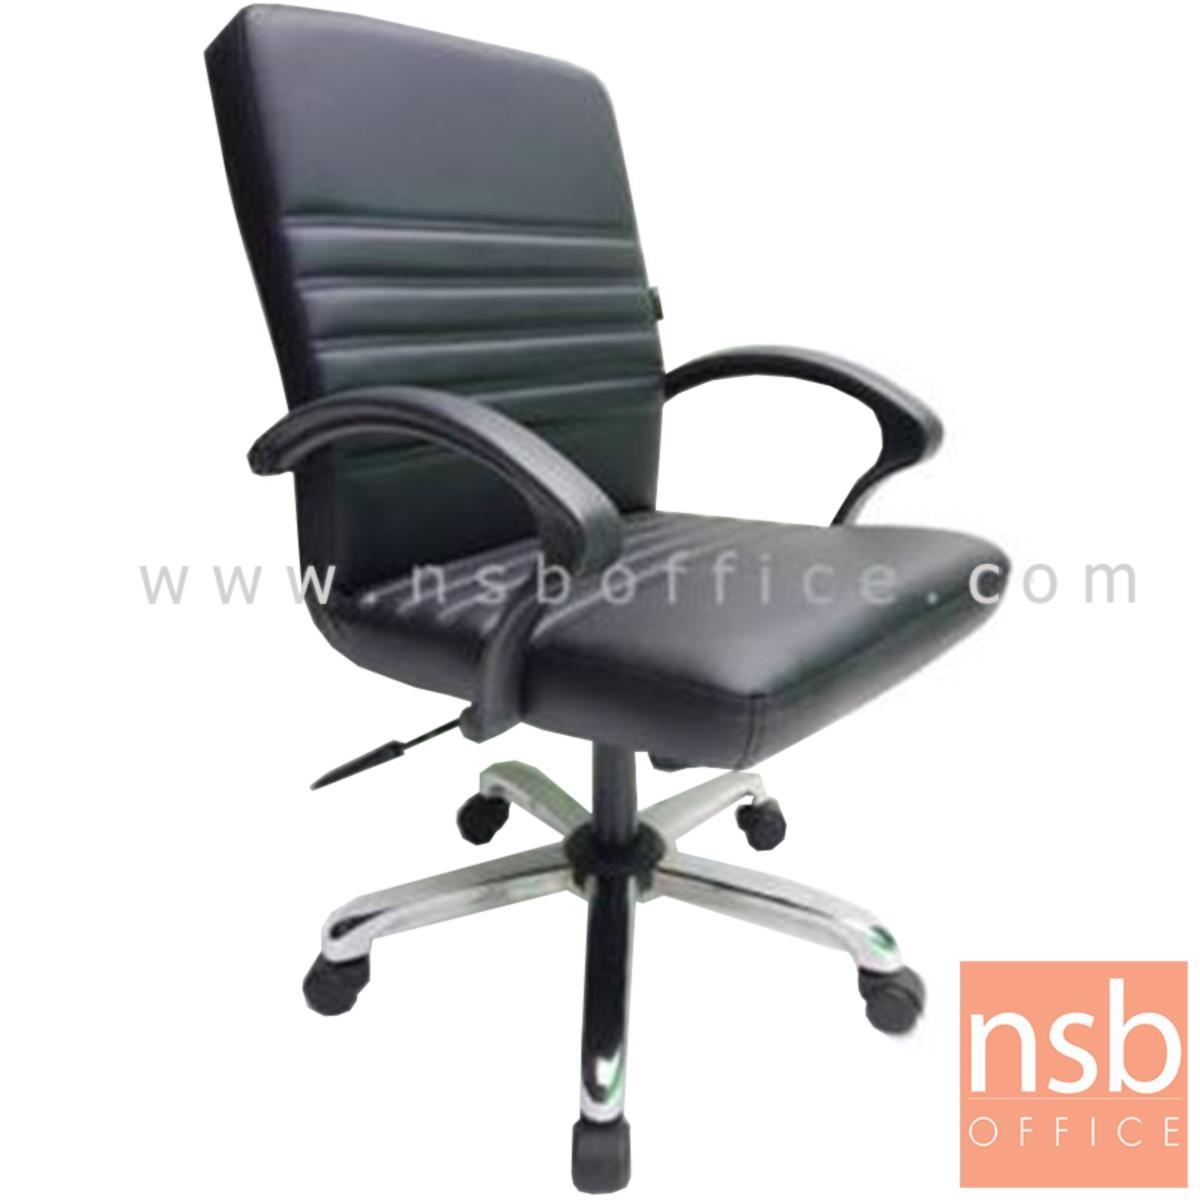 B26A093:เก้าอี้สำนักงาน รุ่น KS-940  โช๊คแก๊ส มีก้อนโยก ขาเหล็กชุบโครเมี่ยม